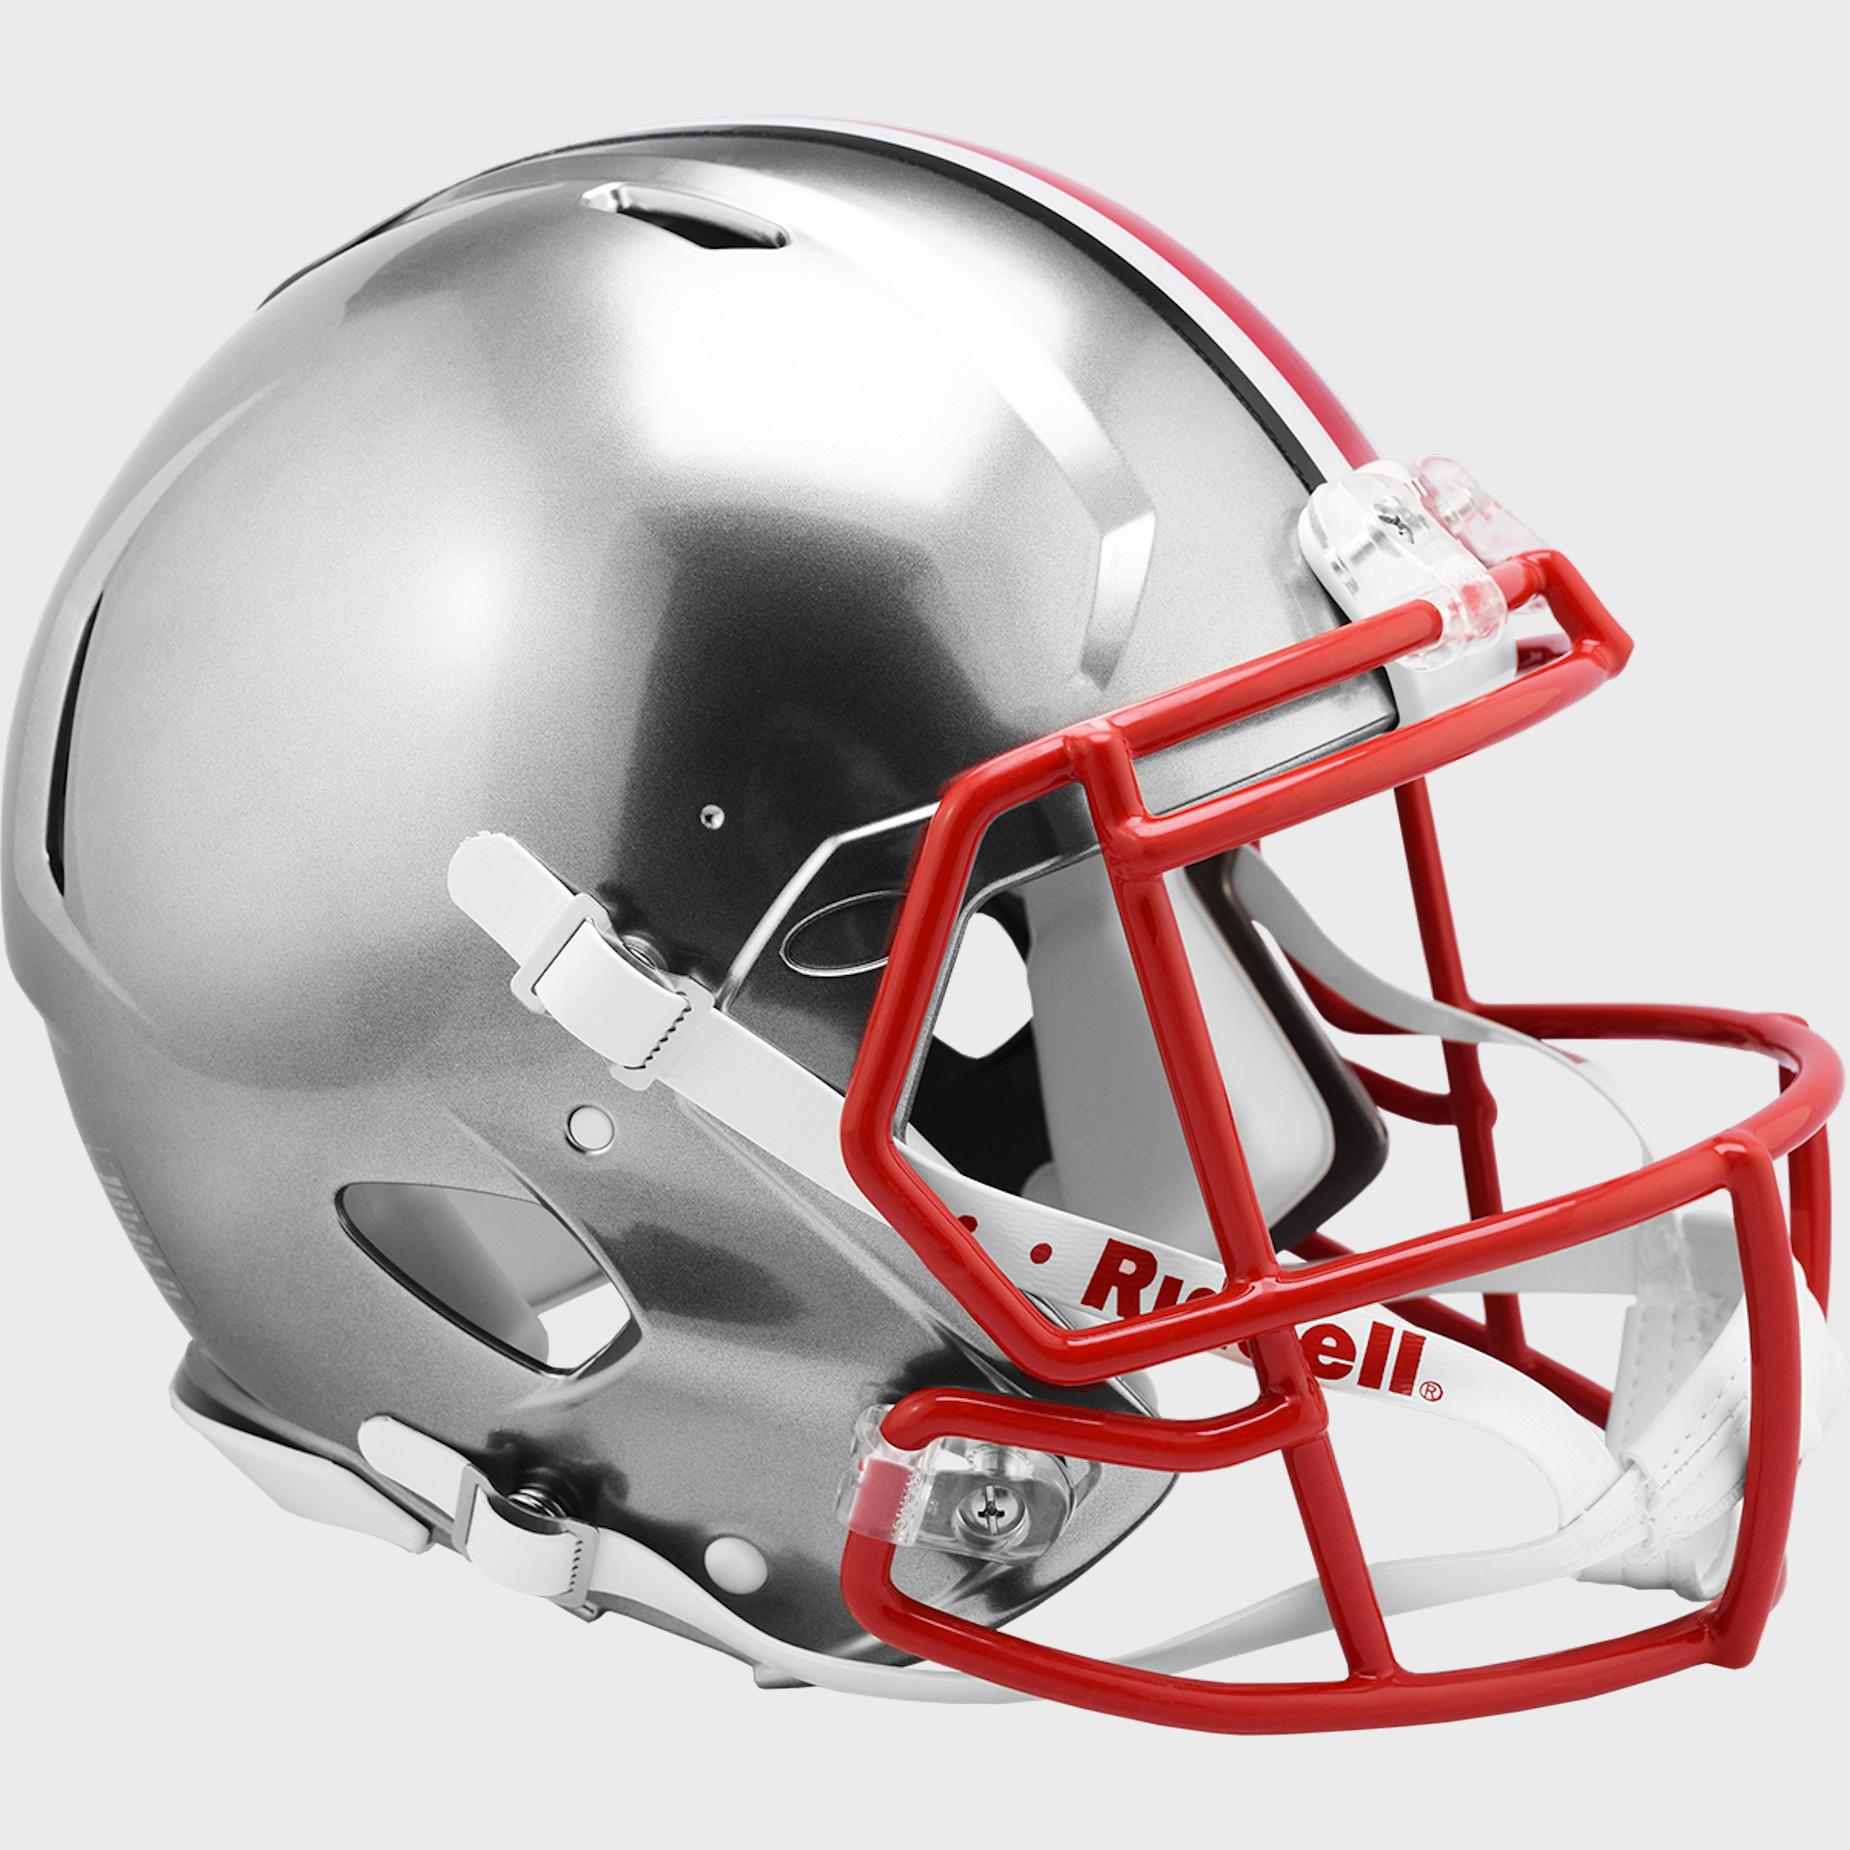 Ohio State Buckeyes Speed Football Helmet <B>FLASH ESD 8/21/21</B>